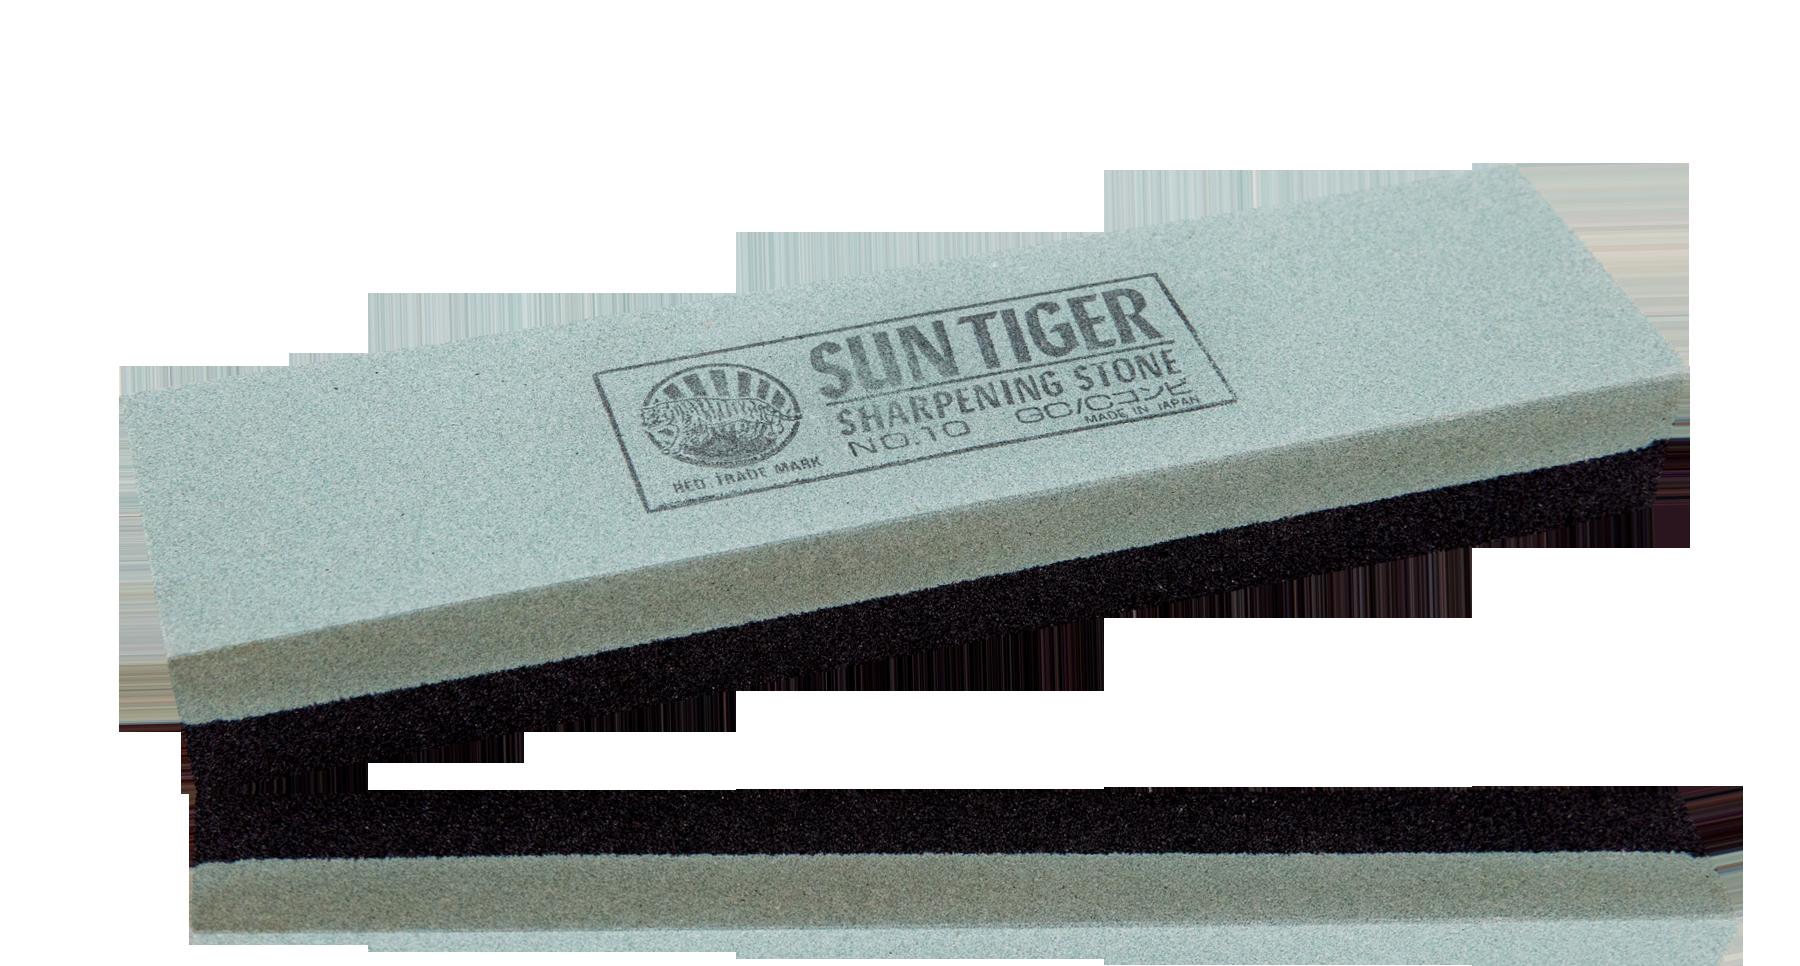 Камень точильный водный 205*50*25мм комбинированный без подставки #0250/0120, Suntiger подставки